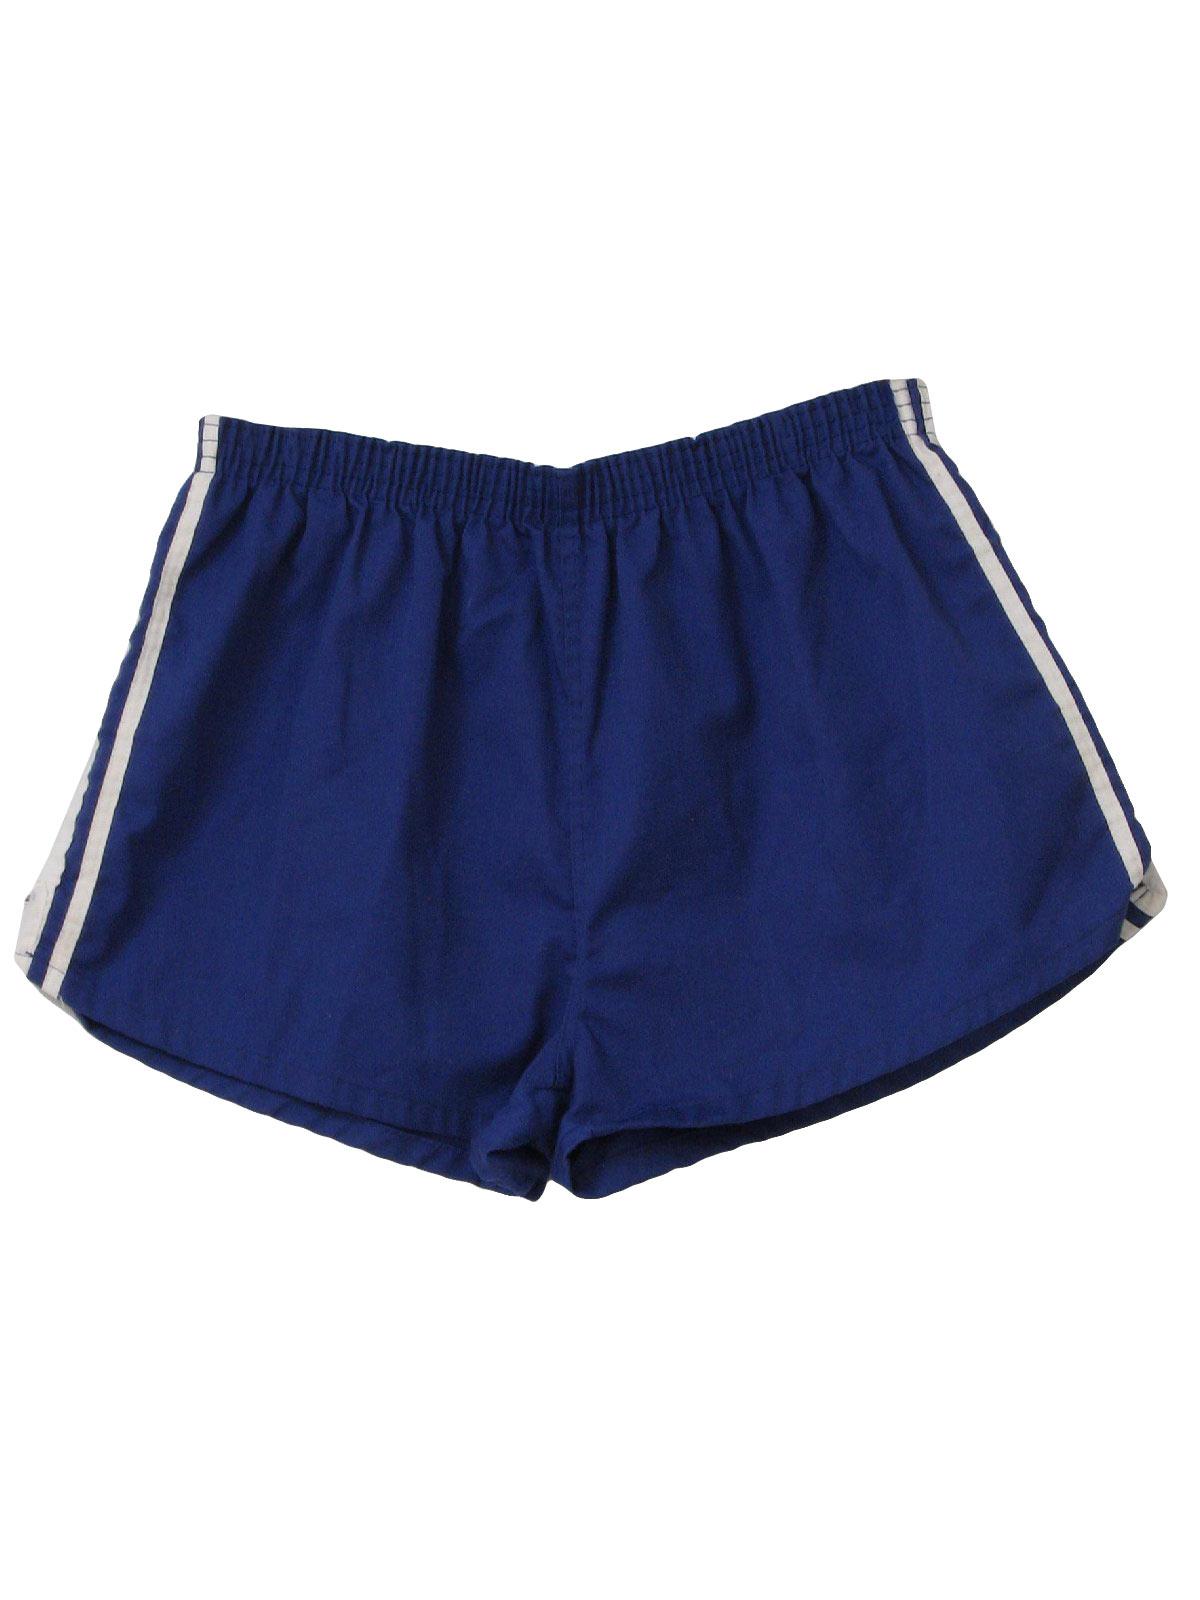 80s exercise shorts